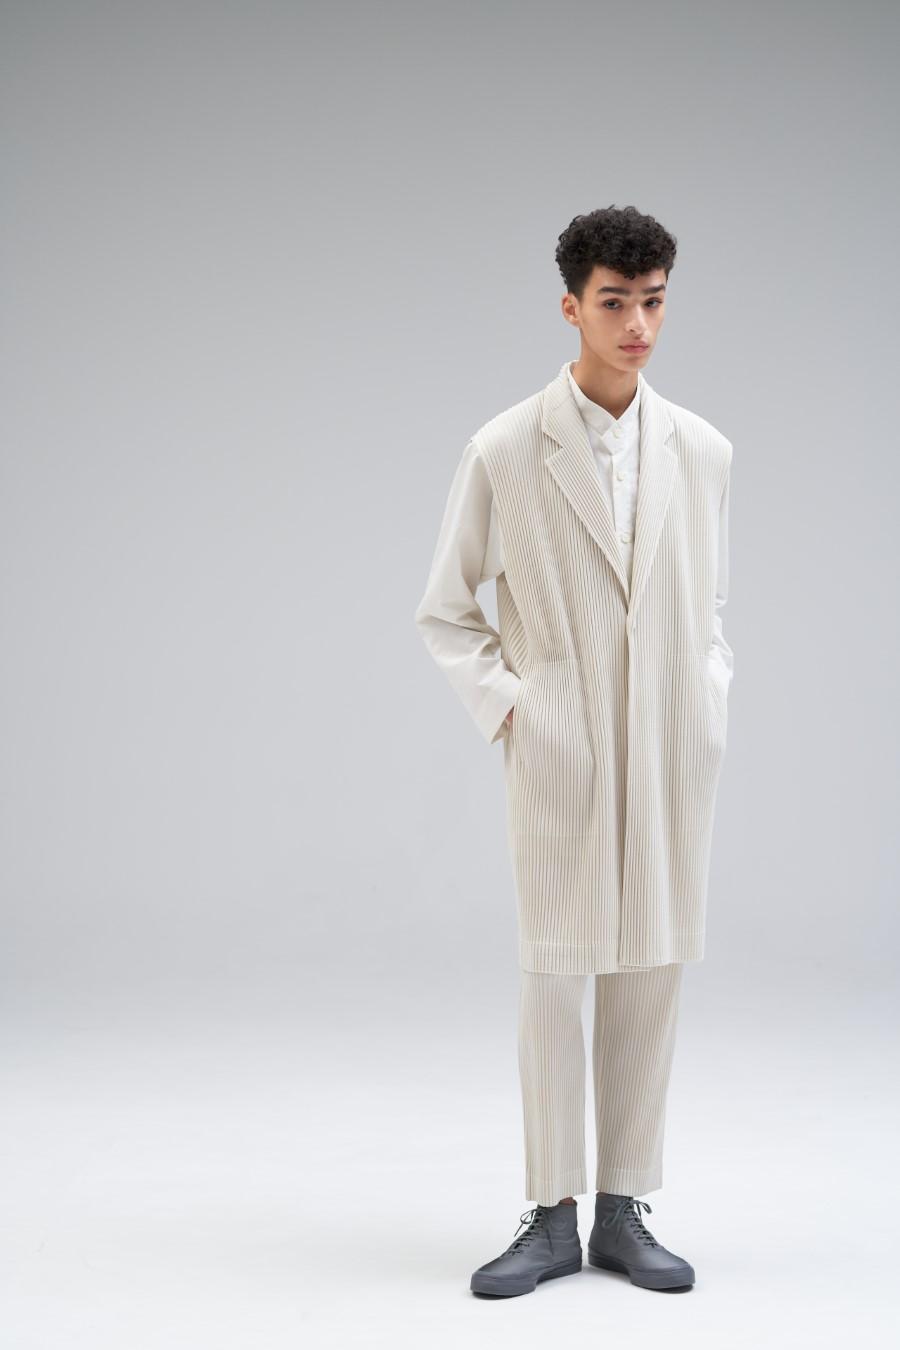 HOMME PLISSÉ ISSEY MIYAKE Fall Winter 2021 - Paris Fashion Week Men's